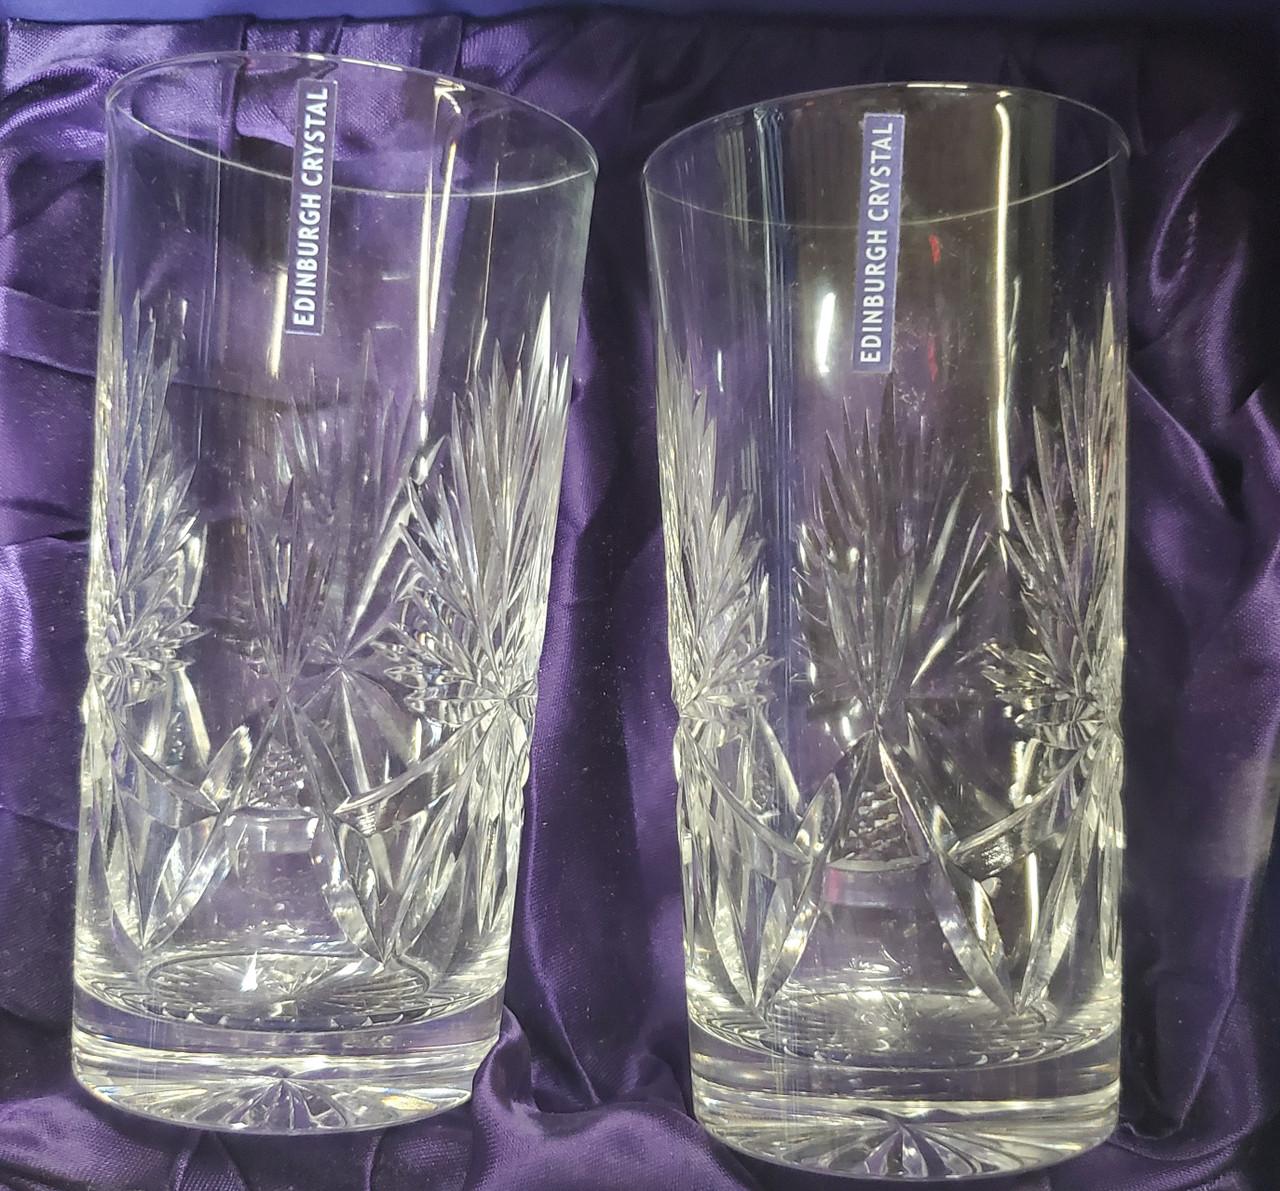 Highball Star of Edinburgh Crystal Glasses (tall, 2 per set)